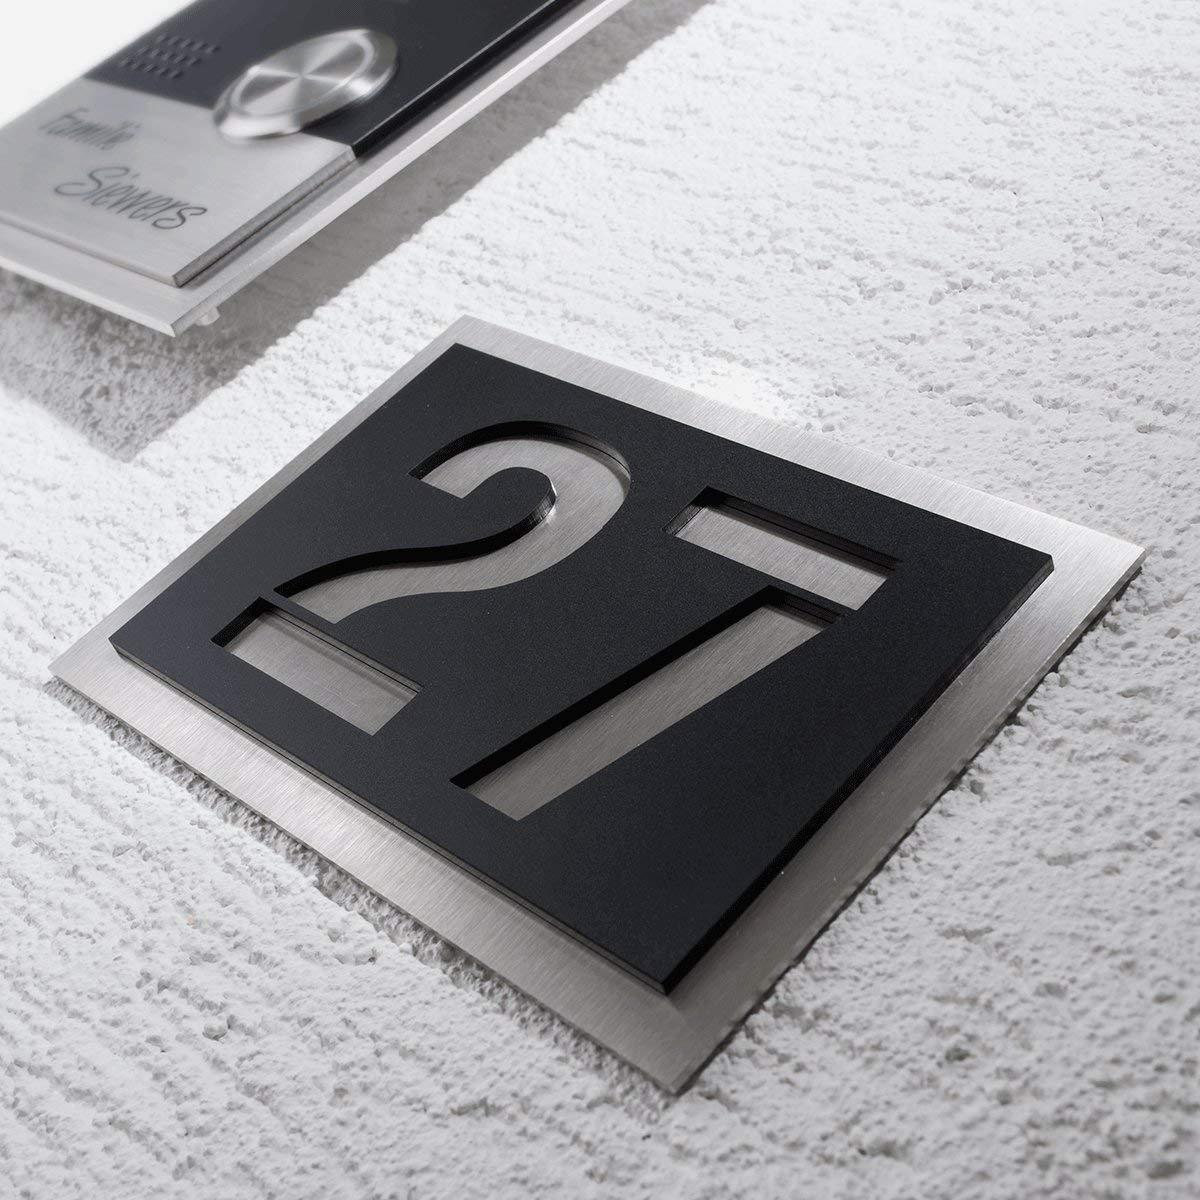 Design Num/éro de maison en acier inoxydable/ /Plaque avec jusqu/à trois chiffres en verre acrylique de grande qualit/é en noir Les Polices possible de Metzler Trade/®